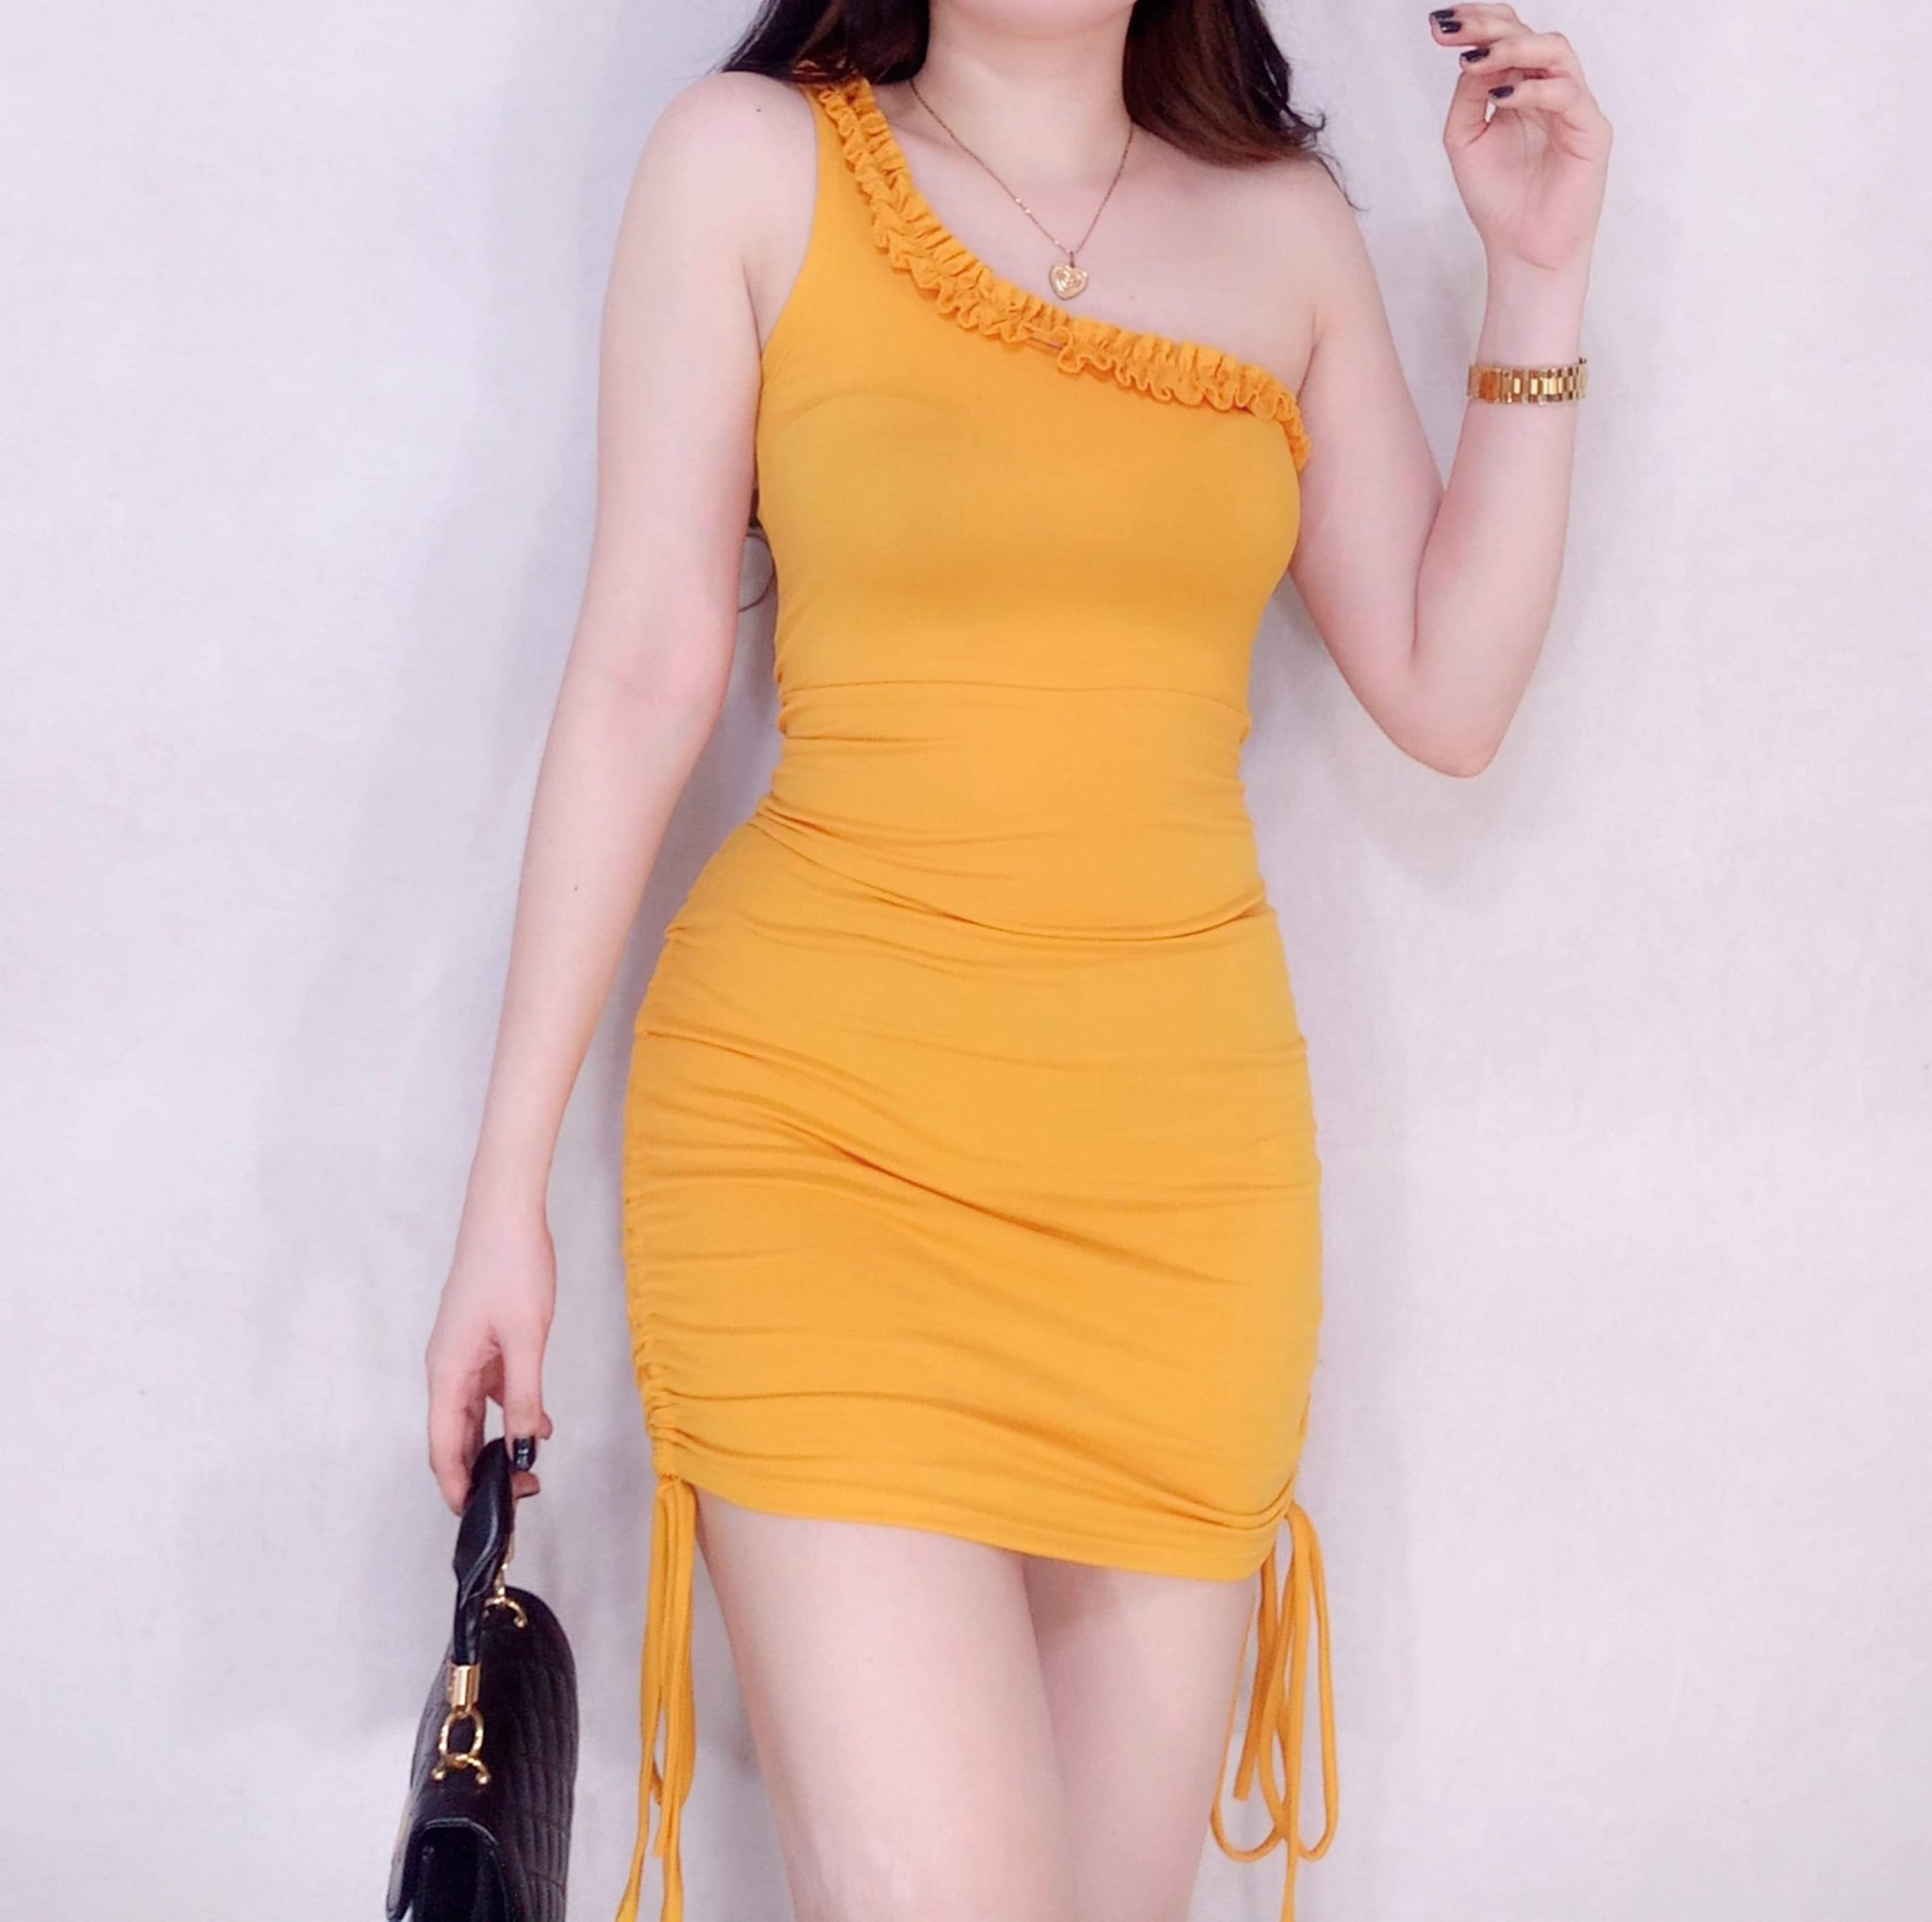 Maybelyn Dress